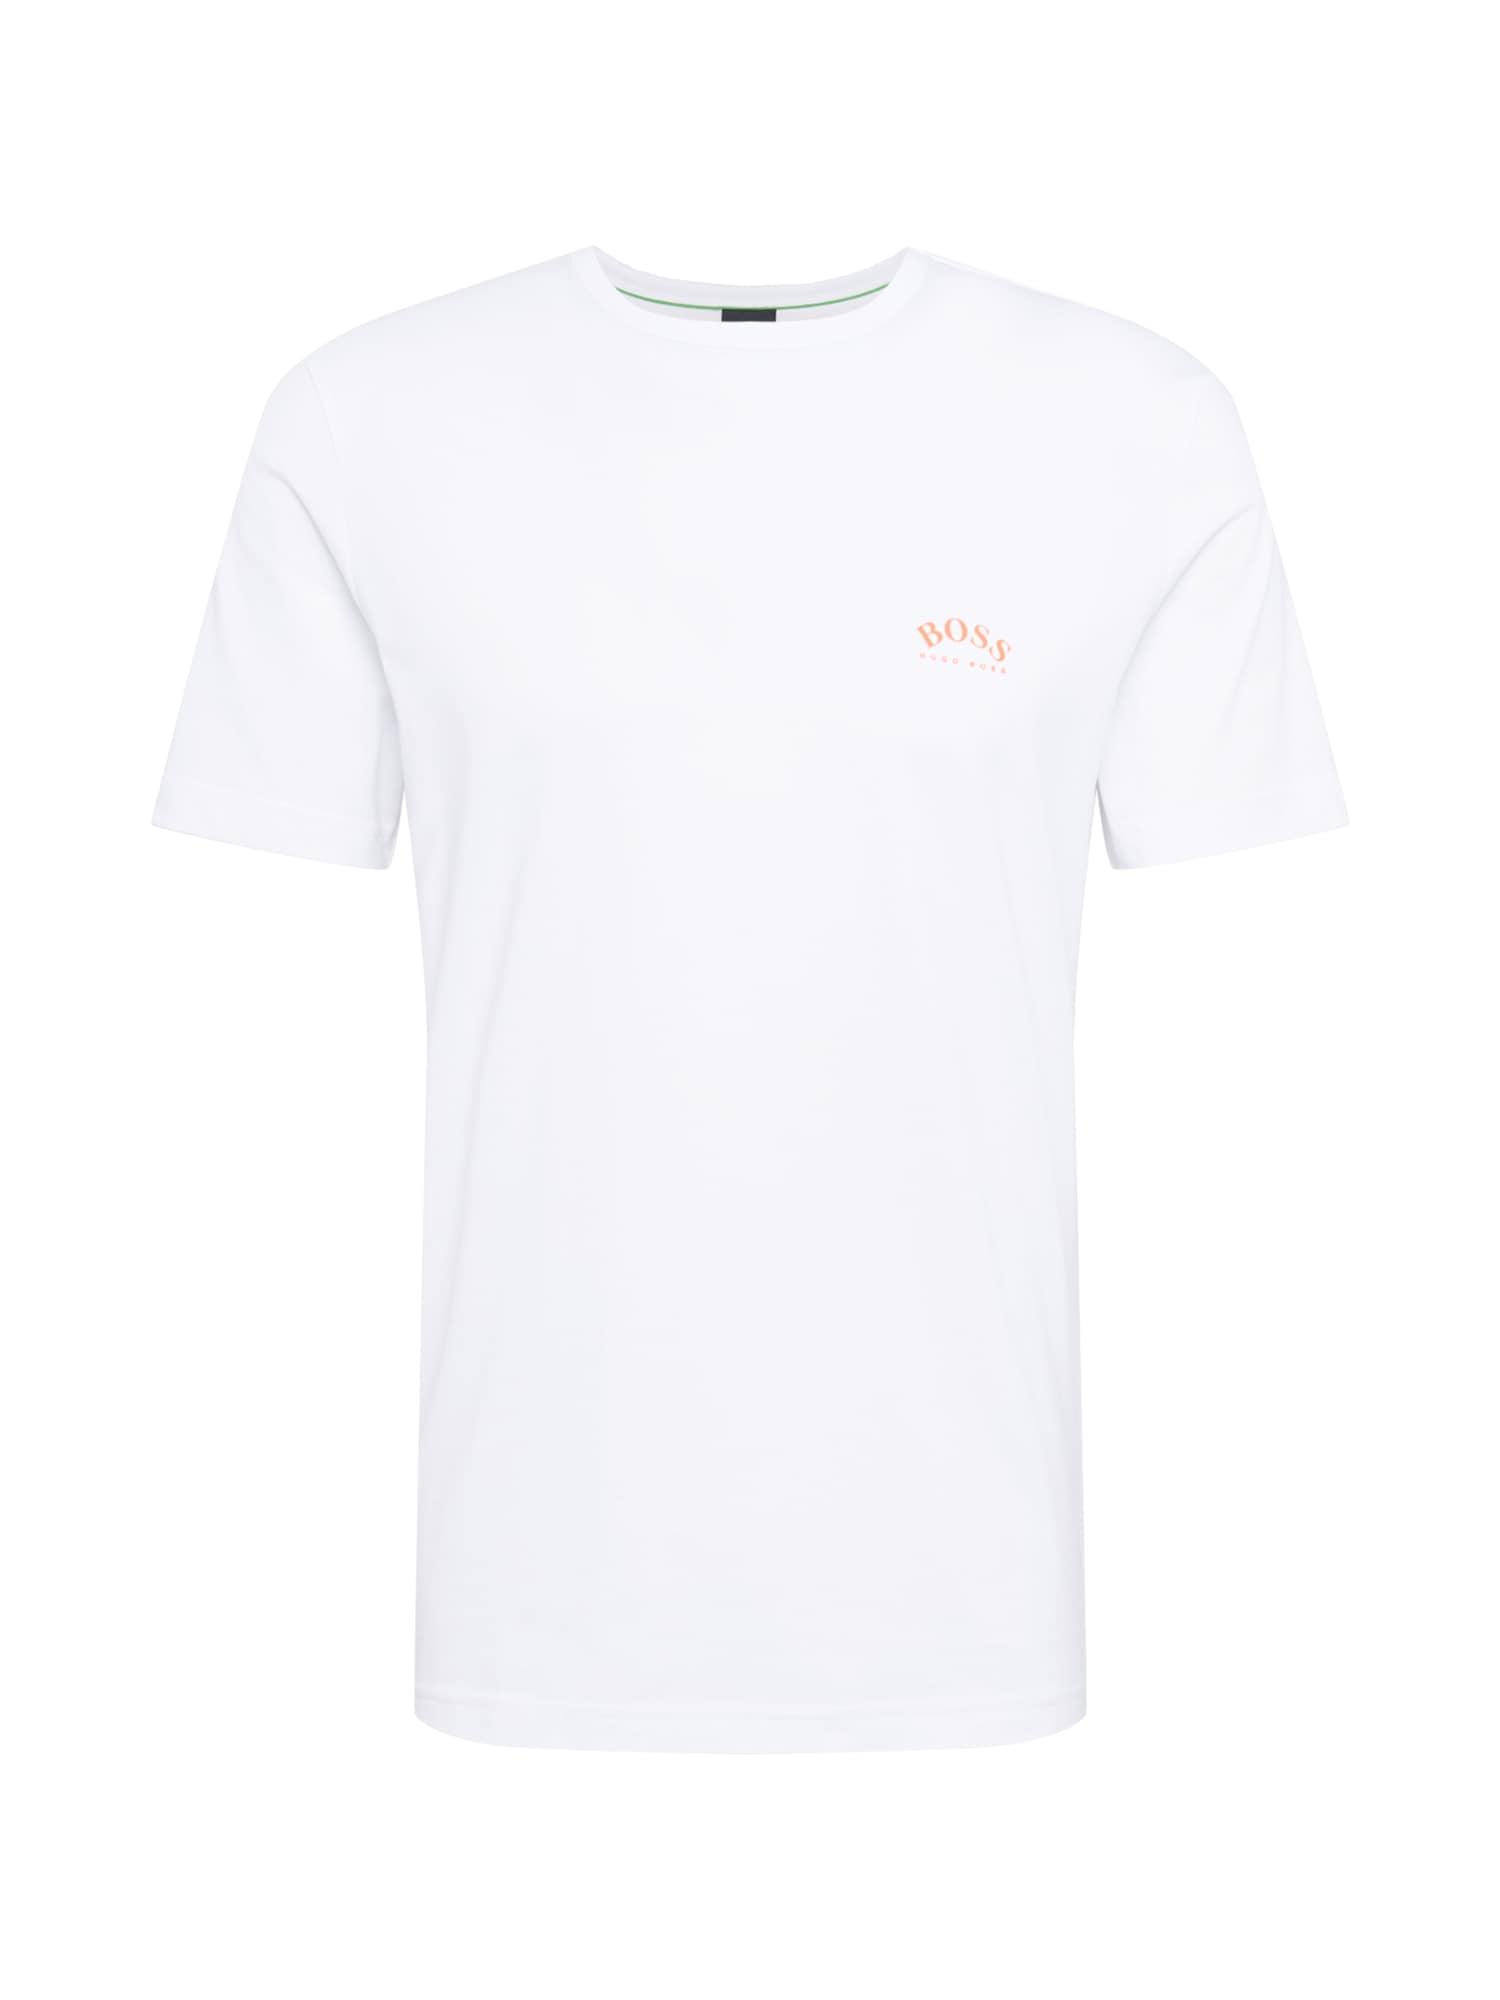 BOSS ATHLEISURE Marškinėliai balta / pastelinė oranžinė